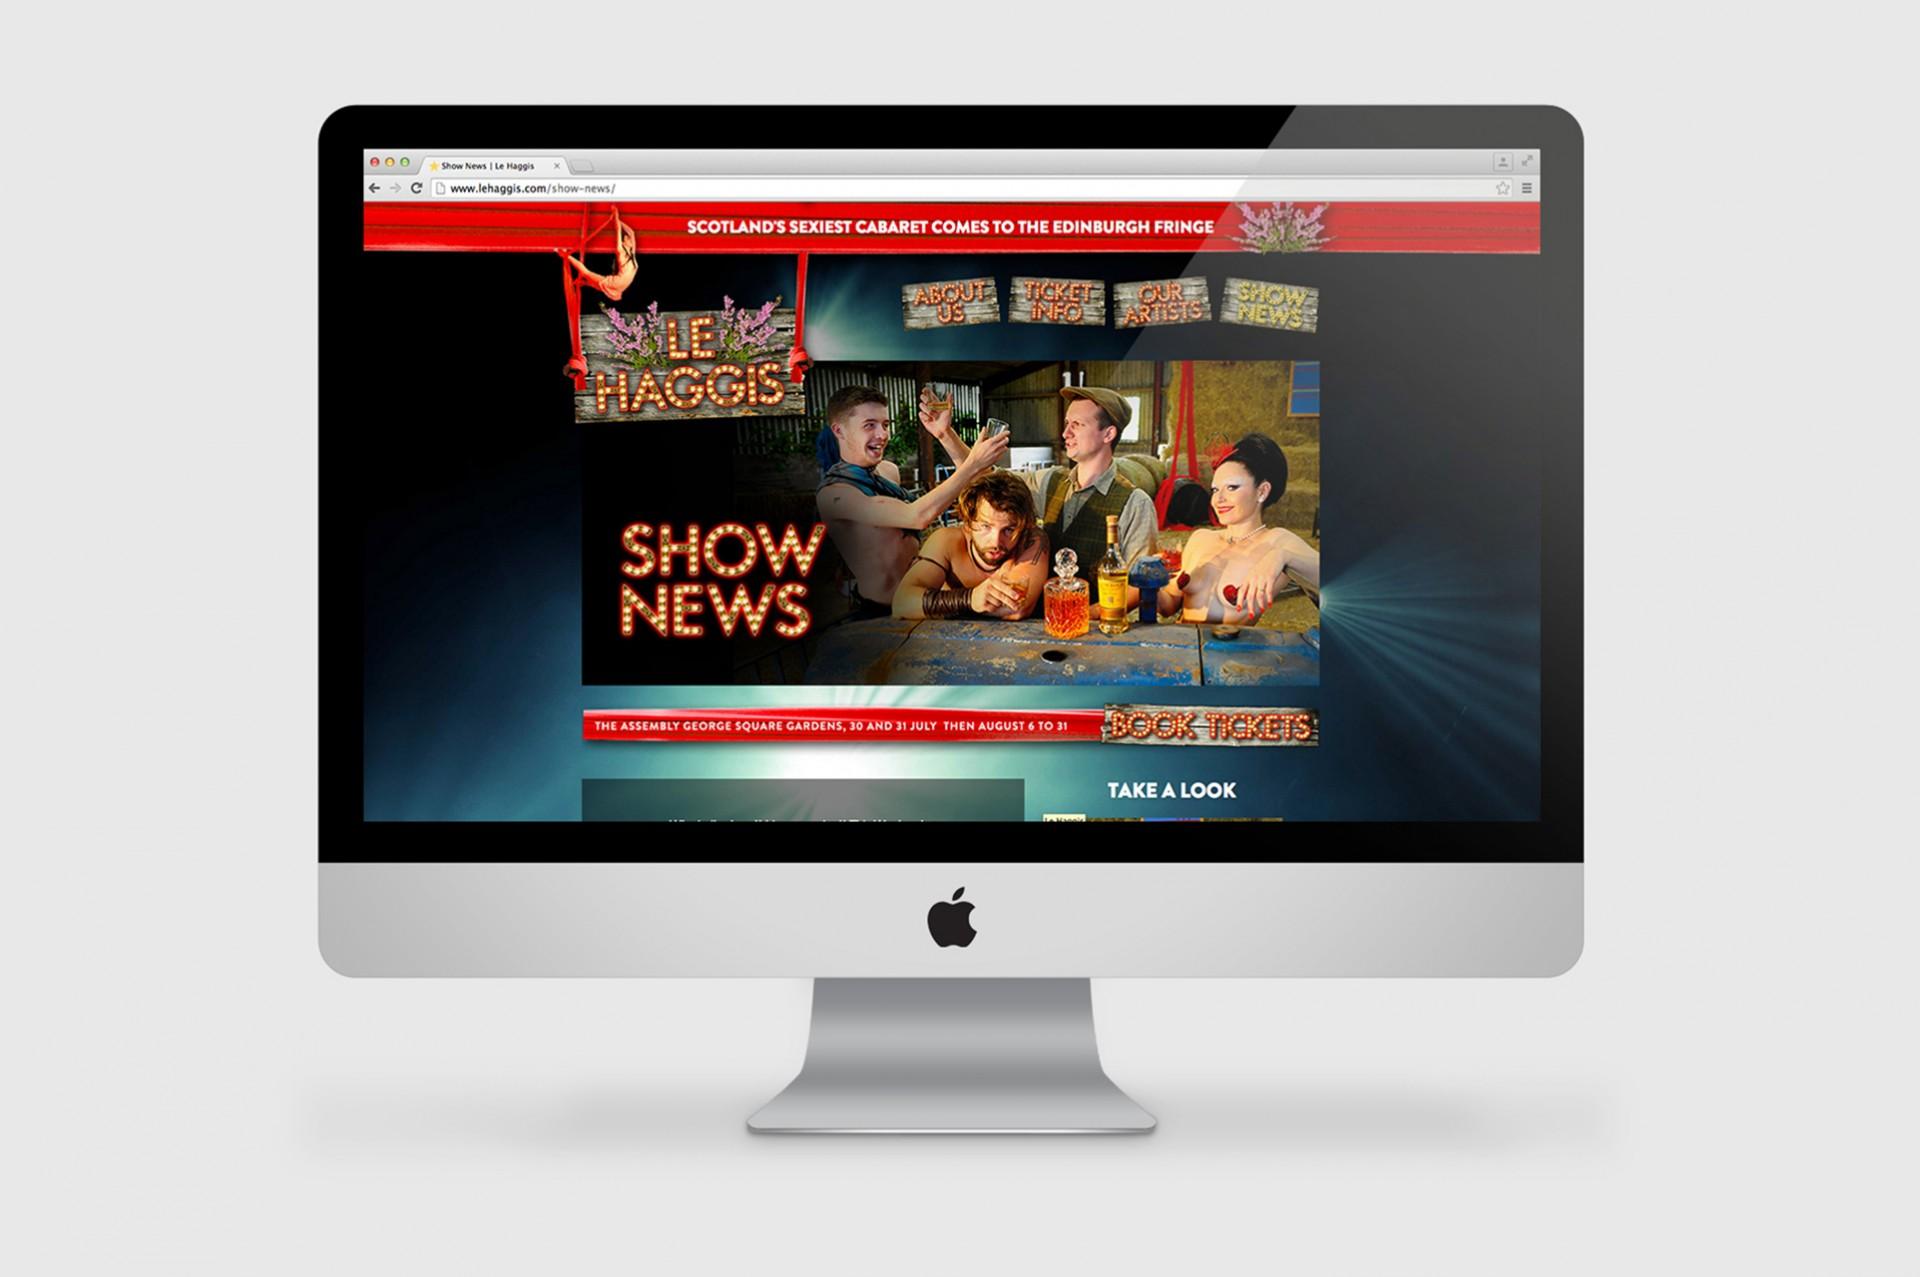 Le Haggis Website